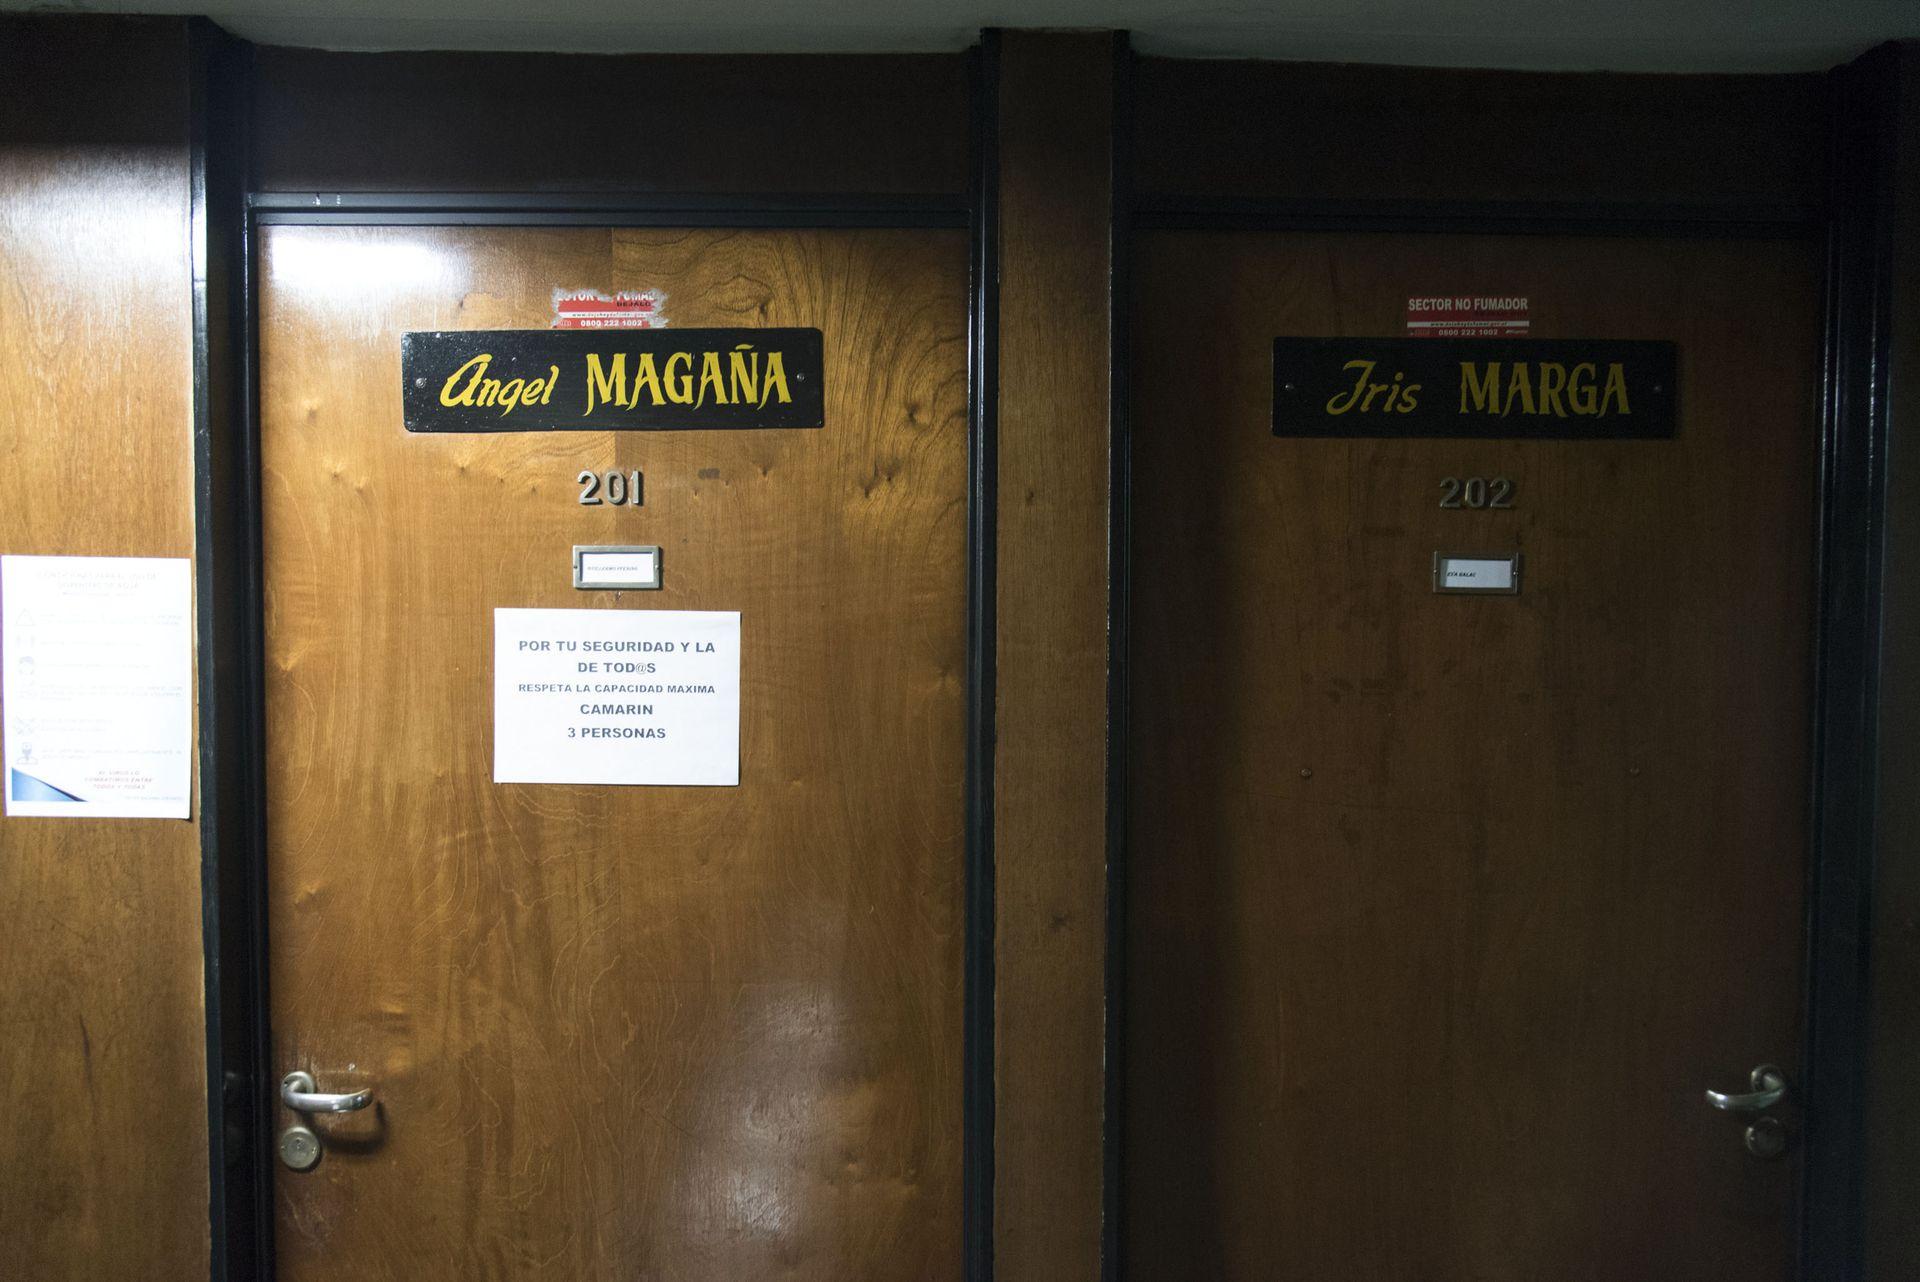 Los camarines de Cervantes llevan los nombres de actores emblemáticos que los han habitado. Ángel Magaña e Iris Marga son algunos de los actores que formaron parte de la Comedia Nacional, que dirigía Antonio Cunill Cabanellas